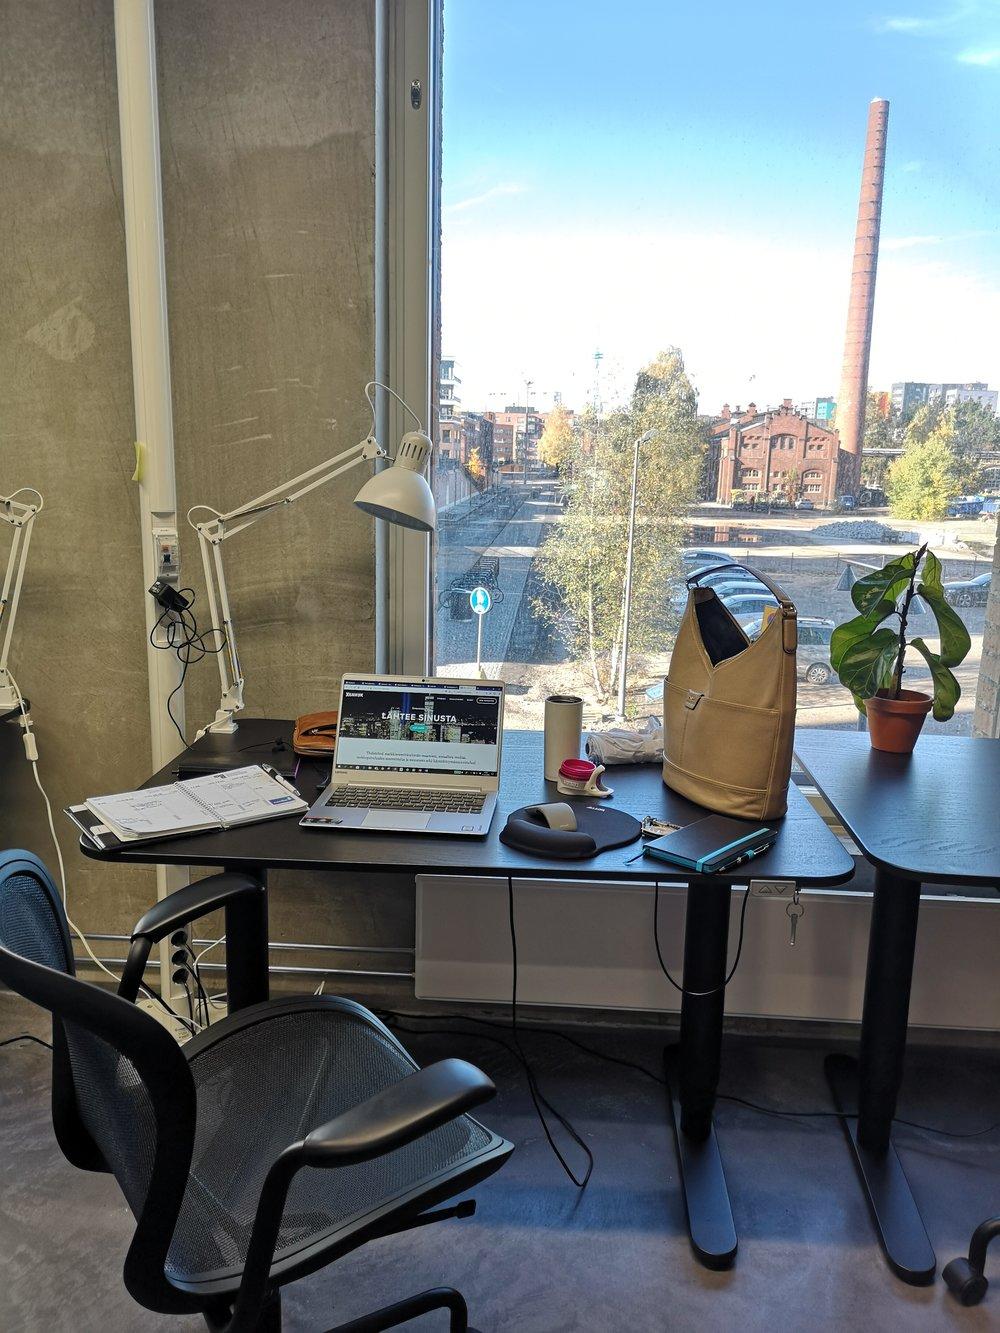 Liisan työpiste Wonderlandissa - Suurista ikkunoista avautuu näkymät Konepajan alueelle